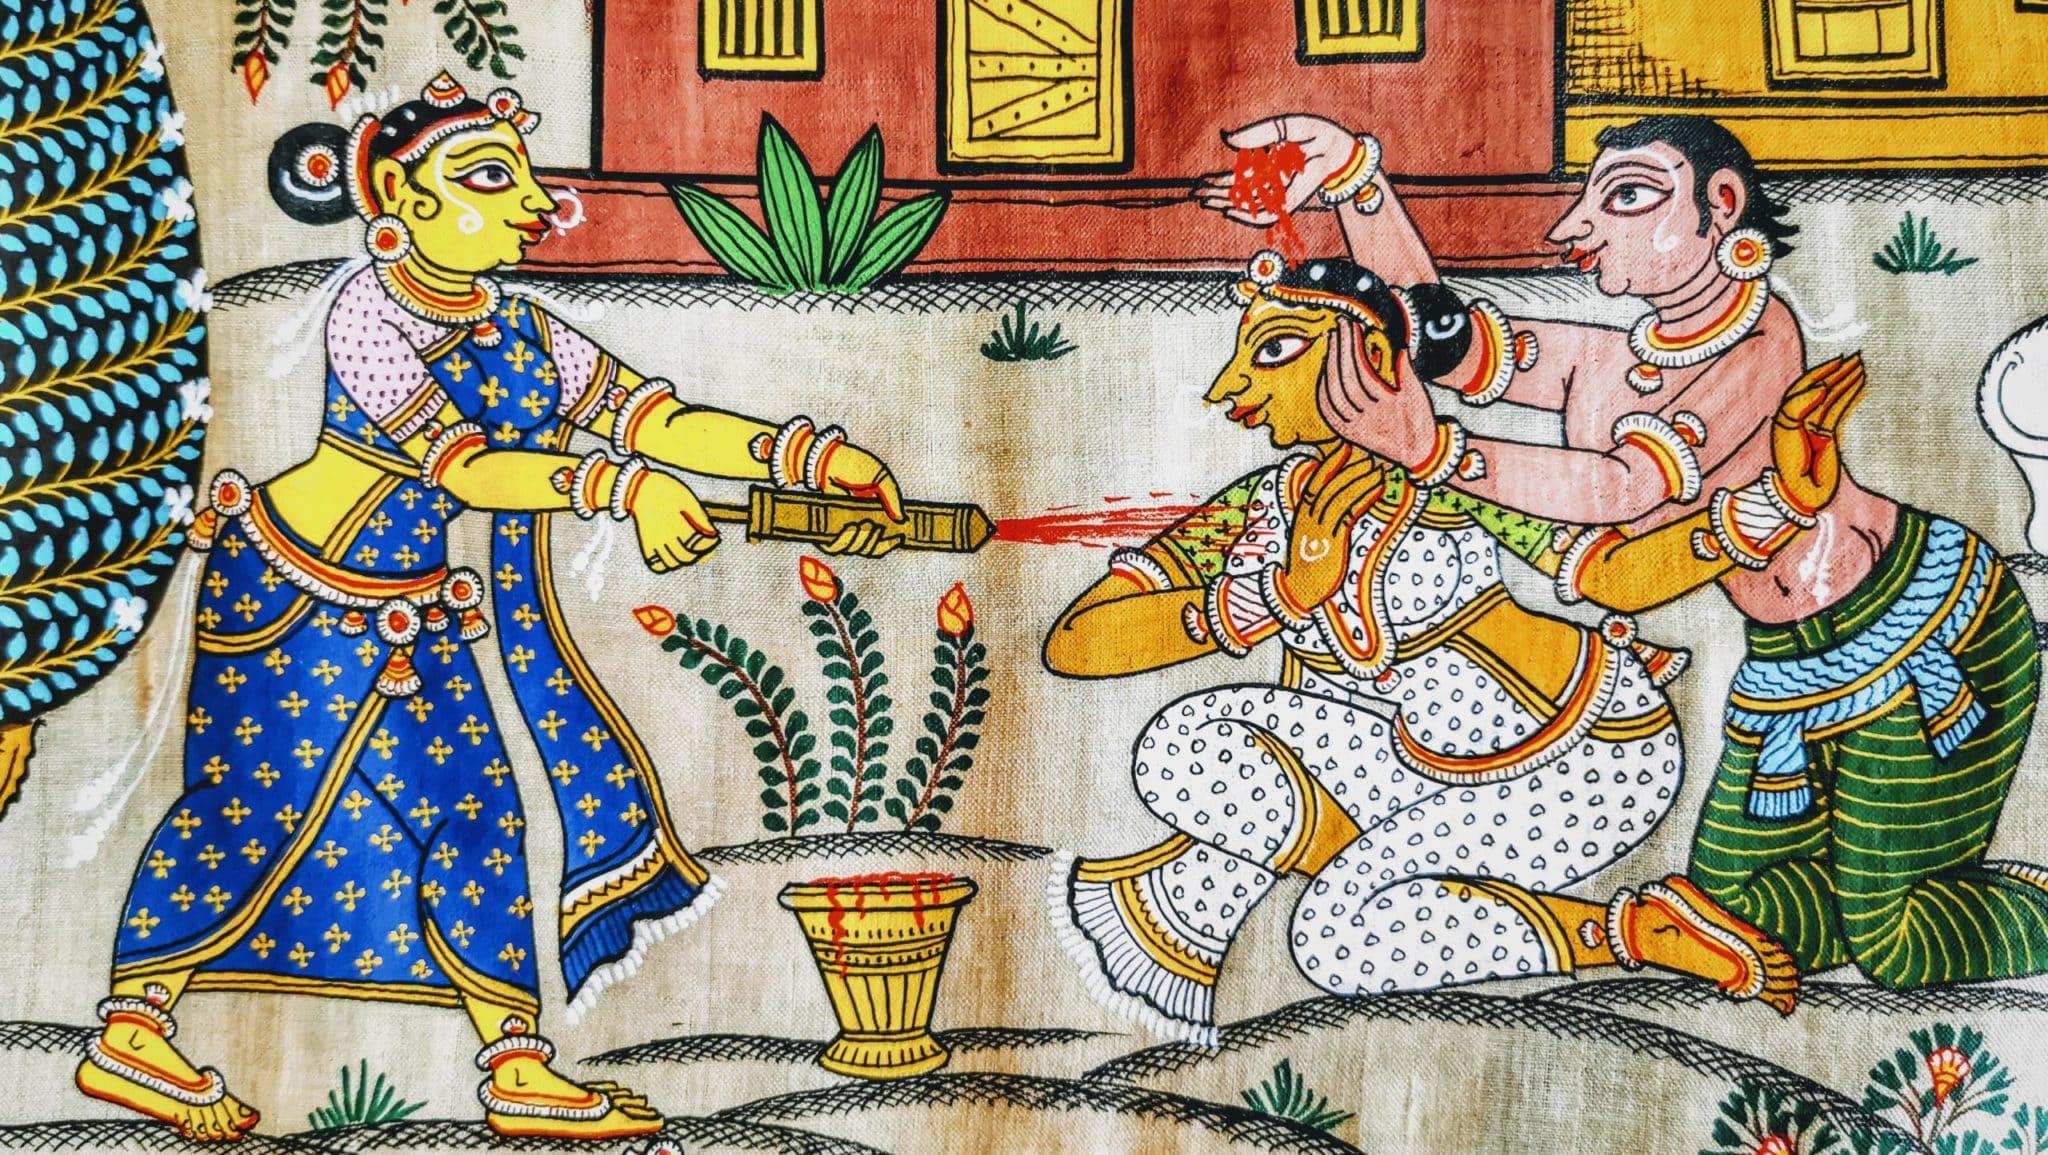 Pattachitra Peinture sur tissu Orissa Hindouisme